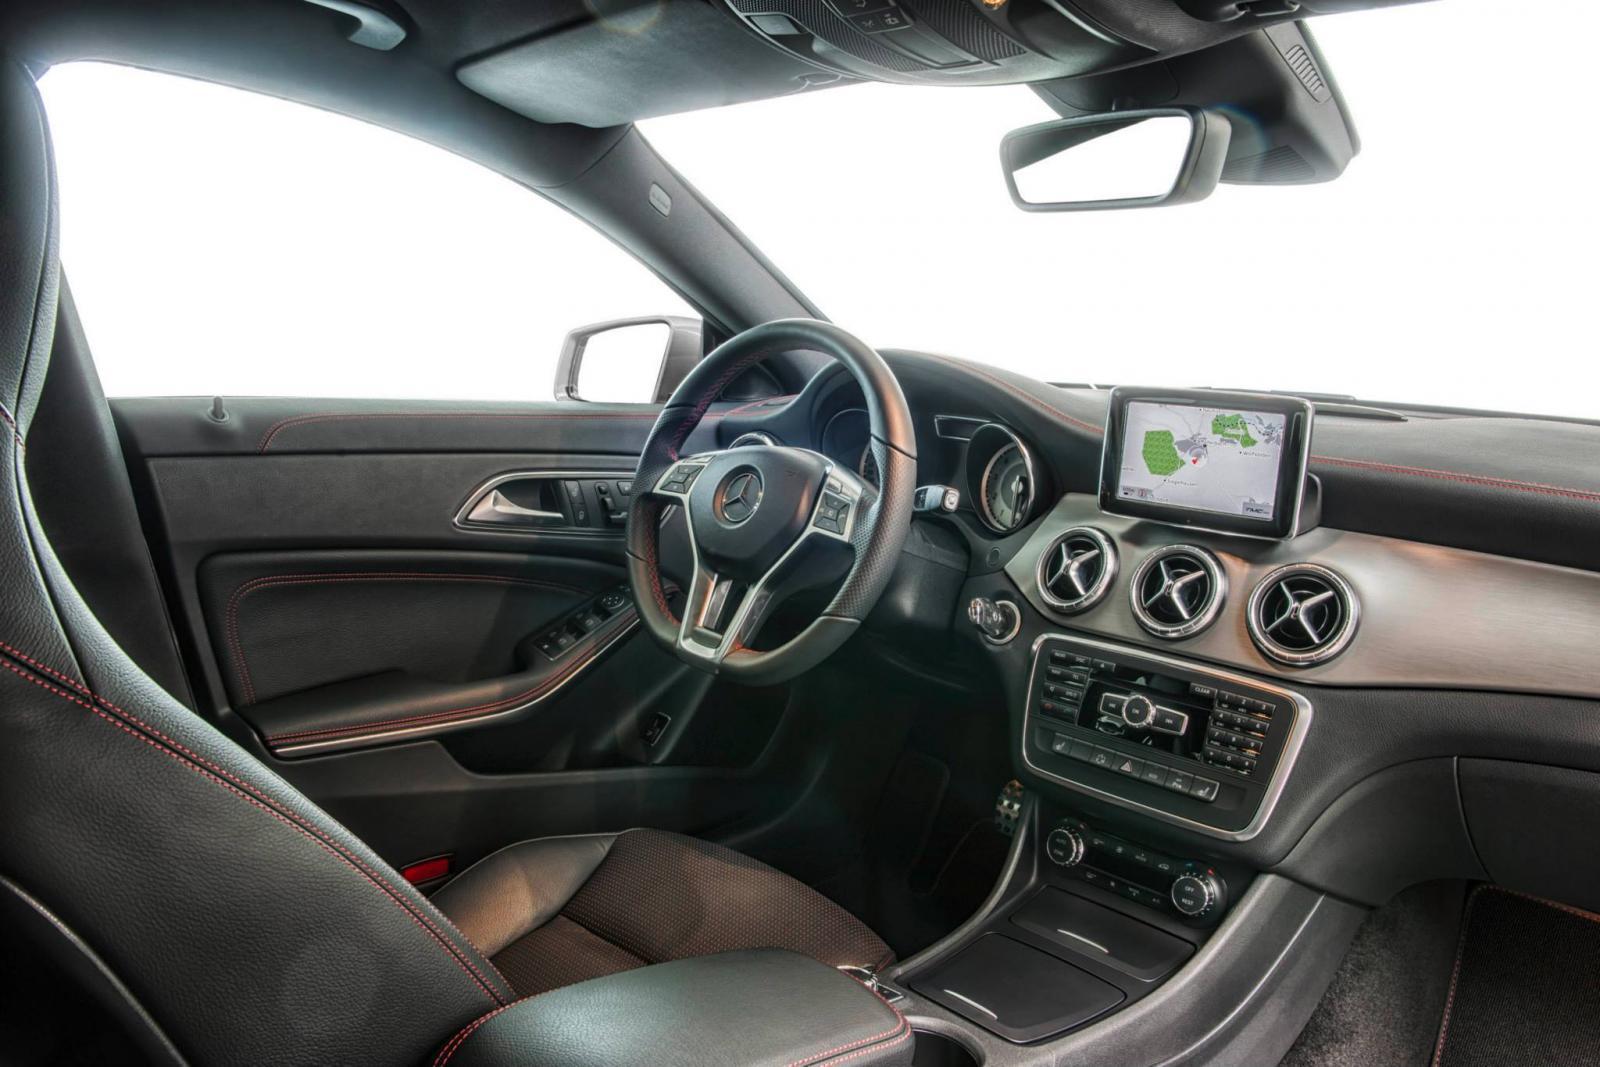 http://images.caradisiac.com/images/9/0/2/2/89022/S0-Toutes-les-nouveautes-du-salon-de-Francfort-2013-Mercedes-CLA-45-AMG-Racing-Series-et-CLA-250-Sports-301624.jpg